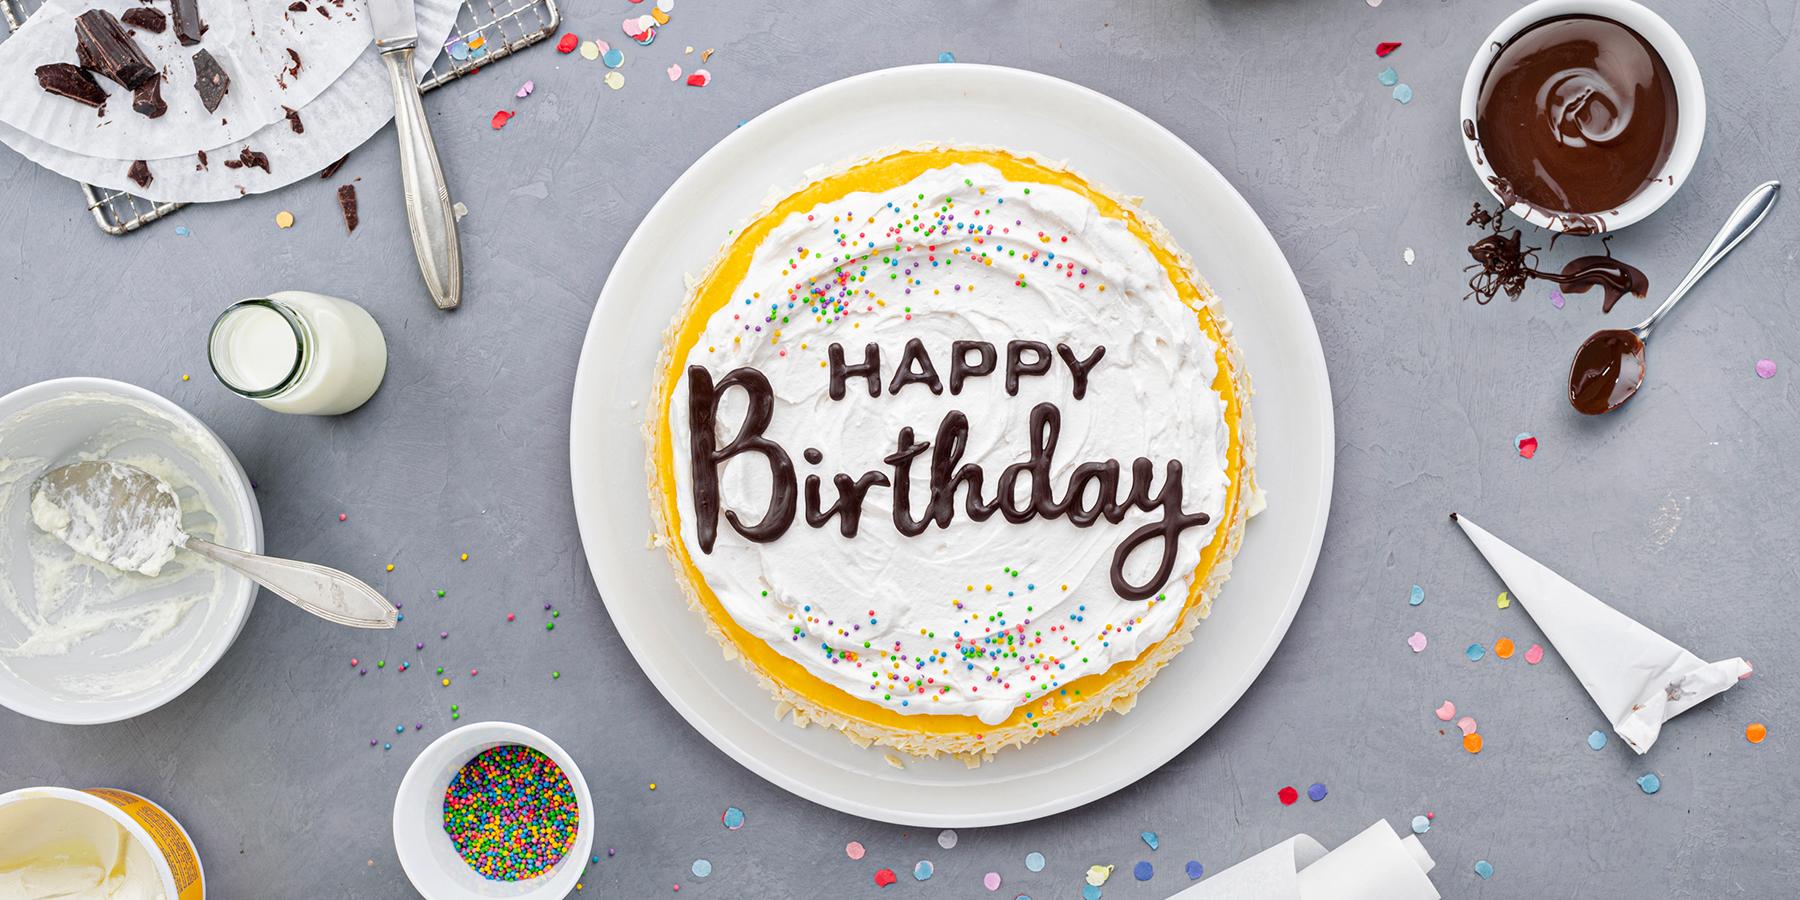 Geburtstagstorte mit DIY-Lettering-Schriftzug